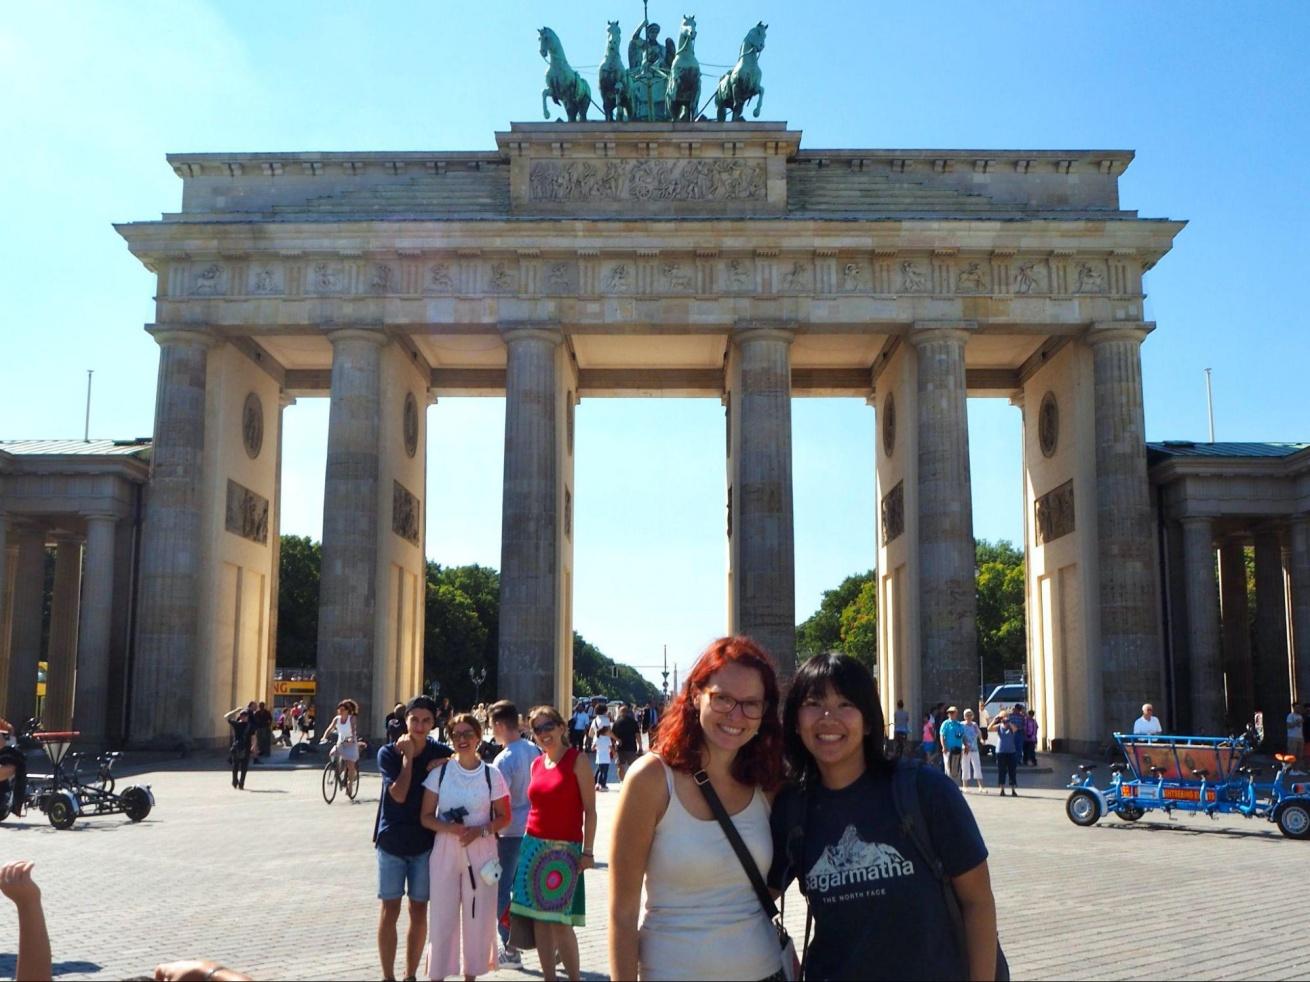 田原さんとドイツで出会った友人が一緒に写った写真